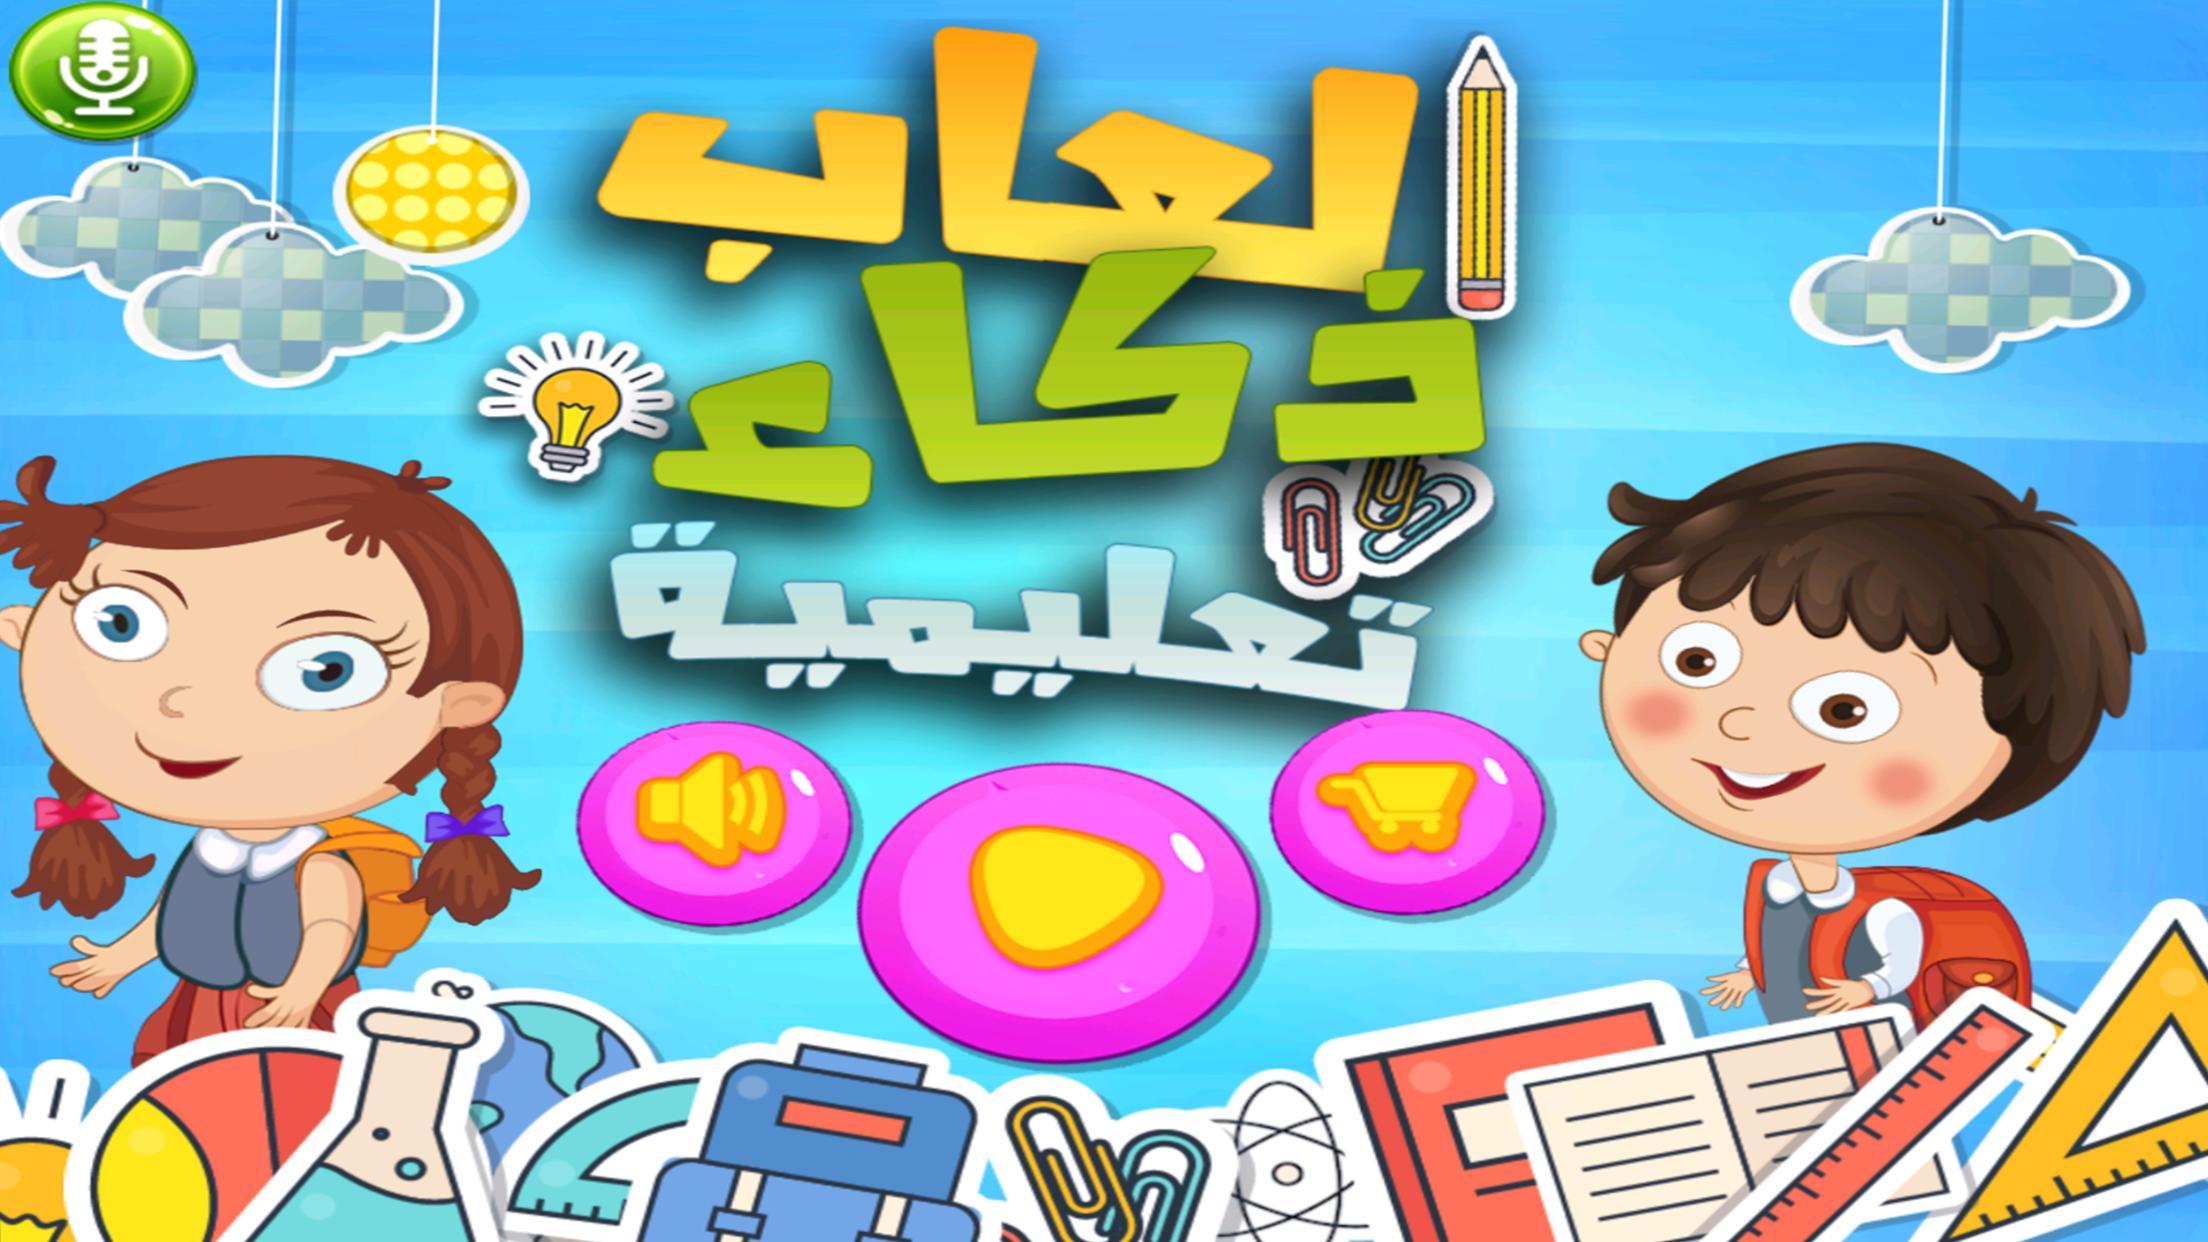 العاب ذكاء اطفال و بنات تعليمية التعليم و الذكاء 1.0.1 Screenshot 5